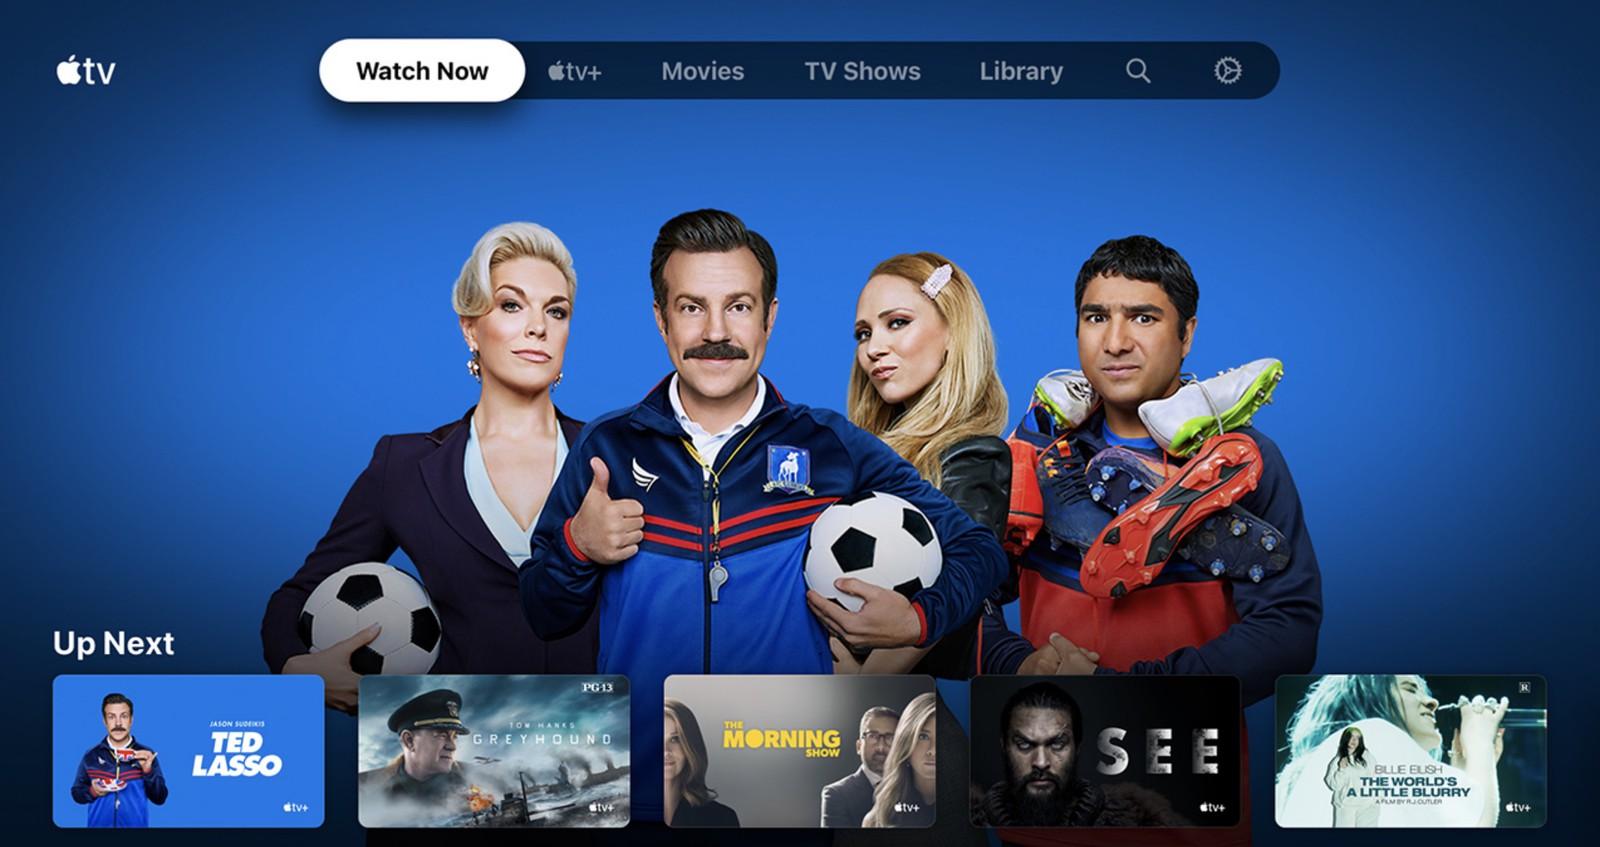 https://www.macfreak.nl/modules/news/images/zArt.AppleTV-appTedLasso.jpg